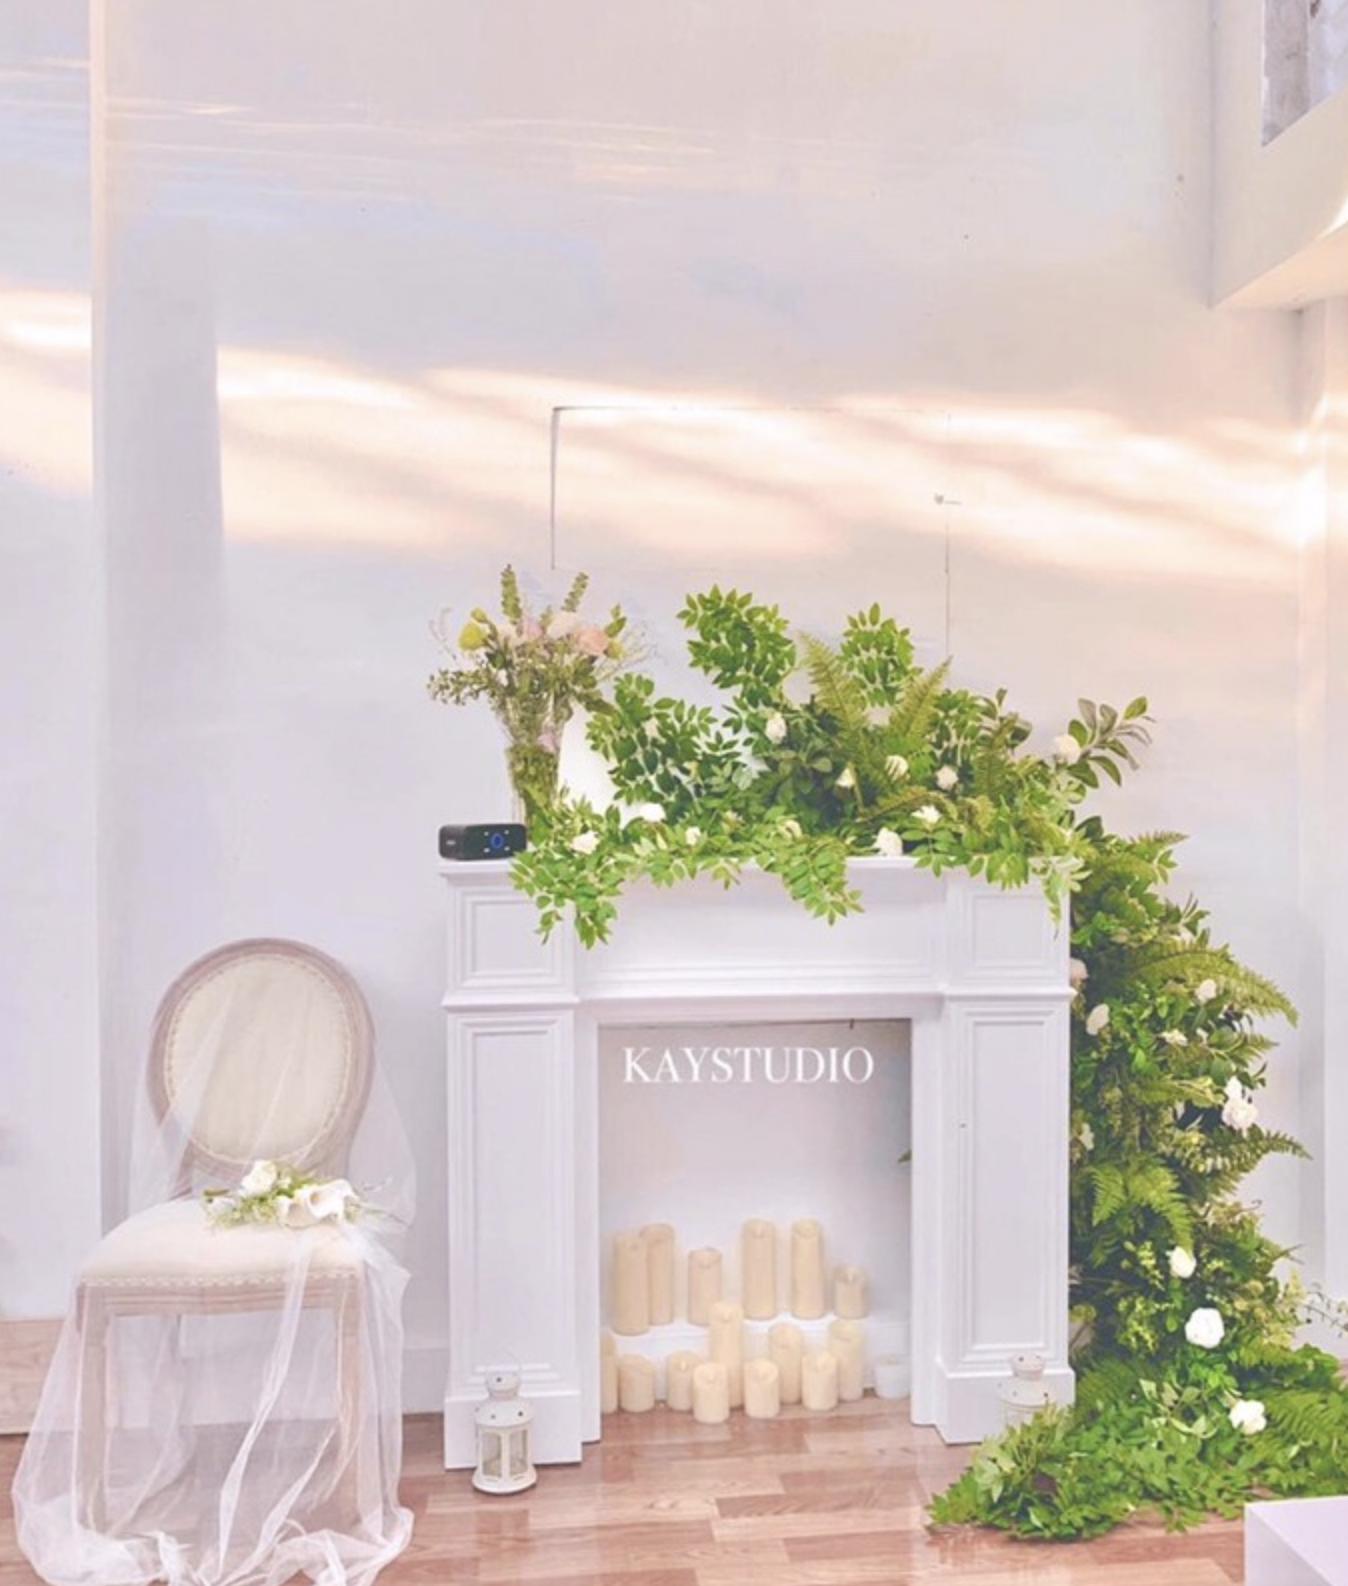 Sắm kệ lò sưởi để nhà đẹp xịn chuẩn phong cách châu Âu - Ảnh 4.